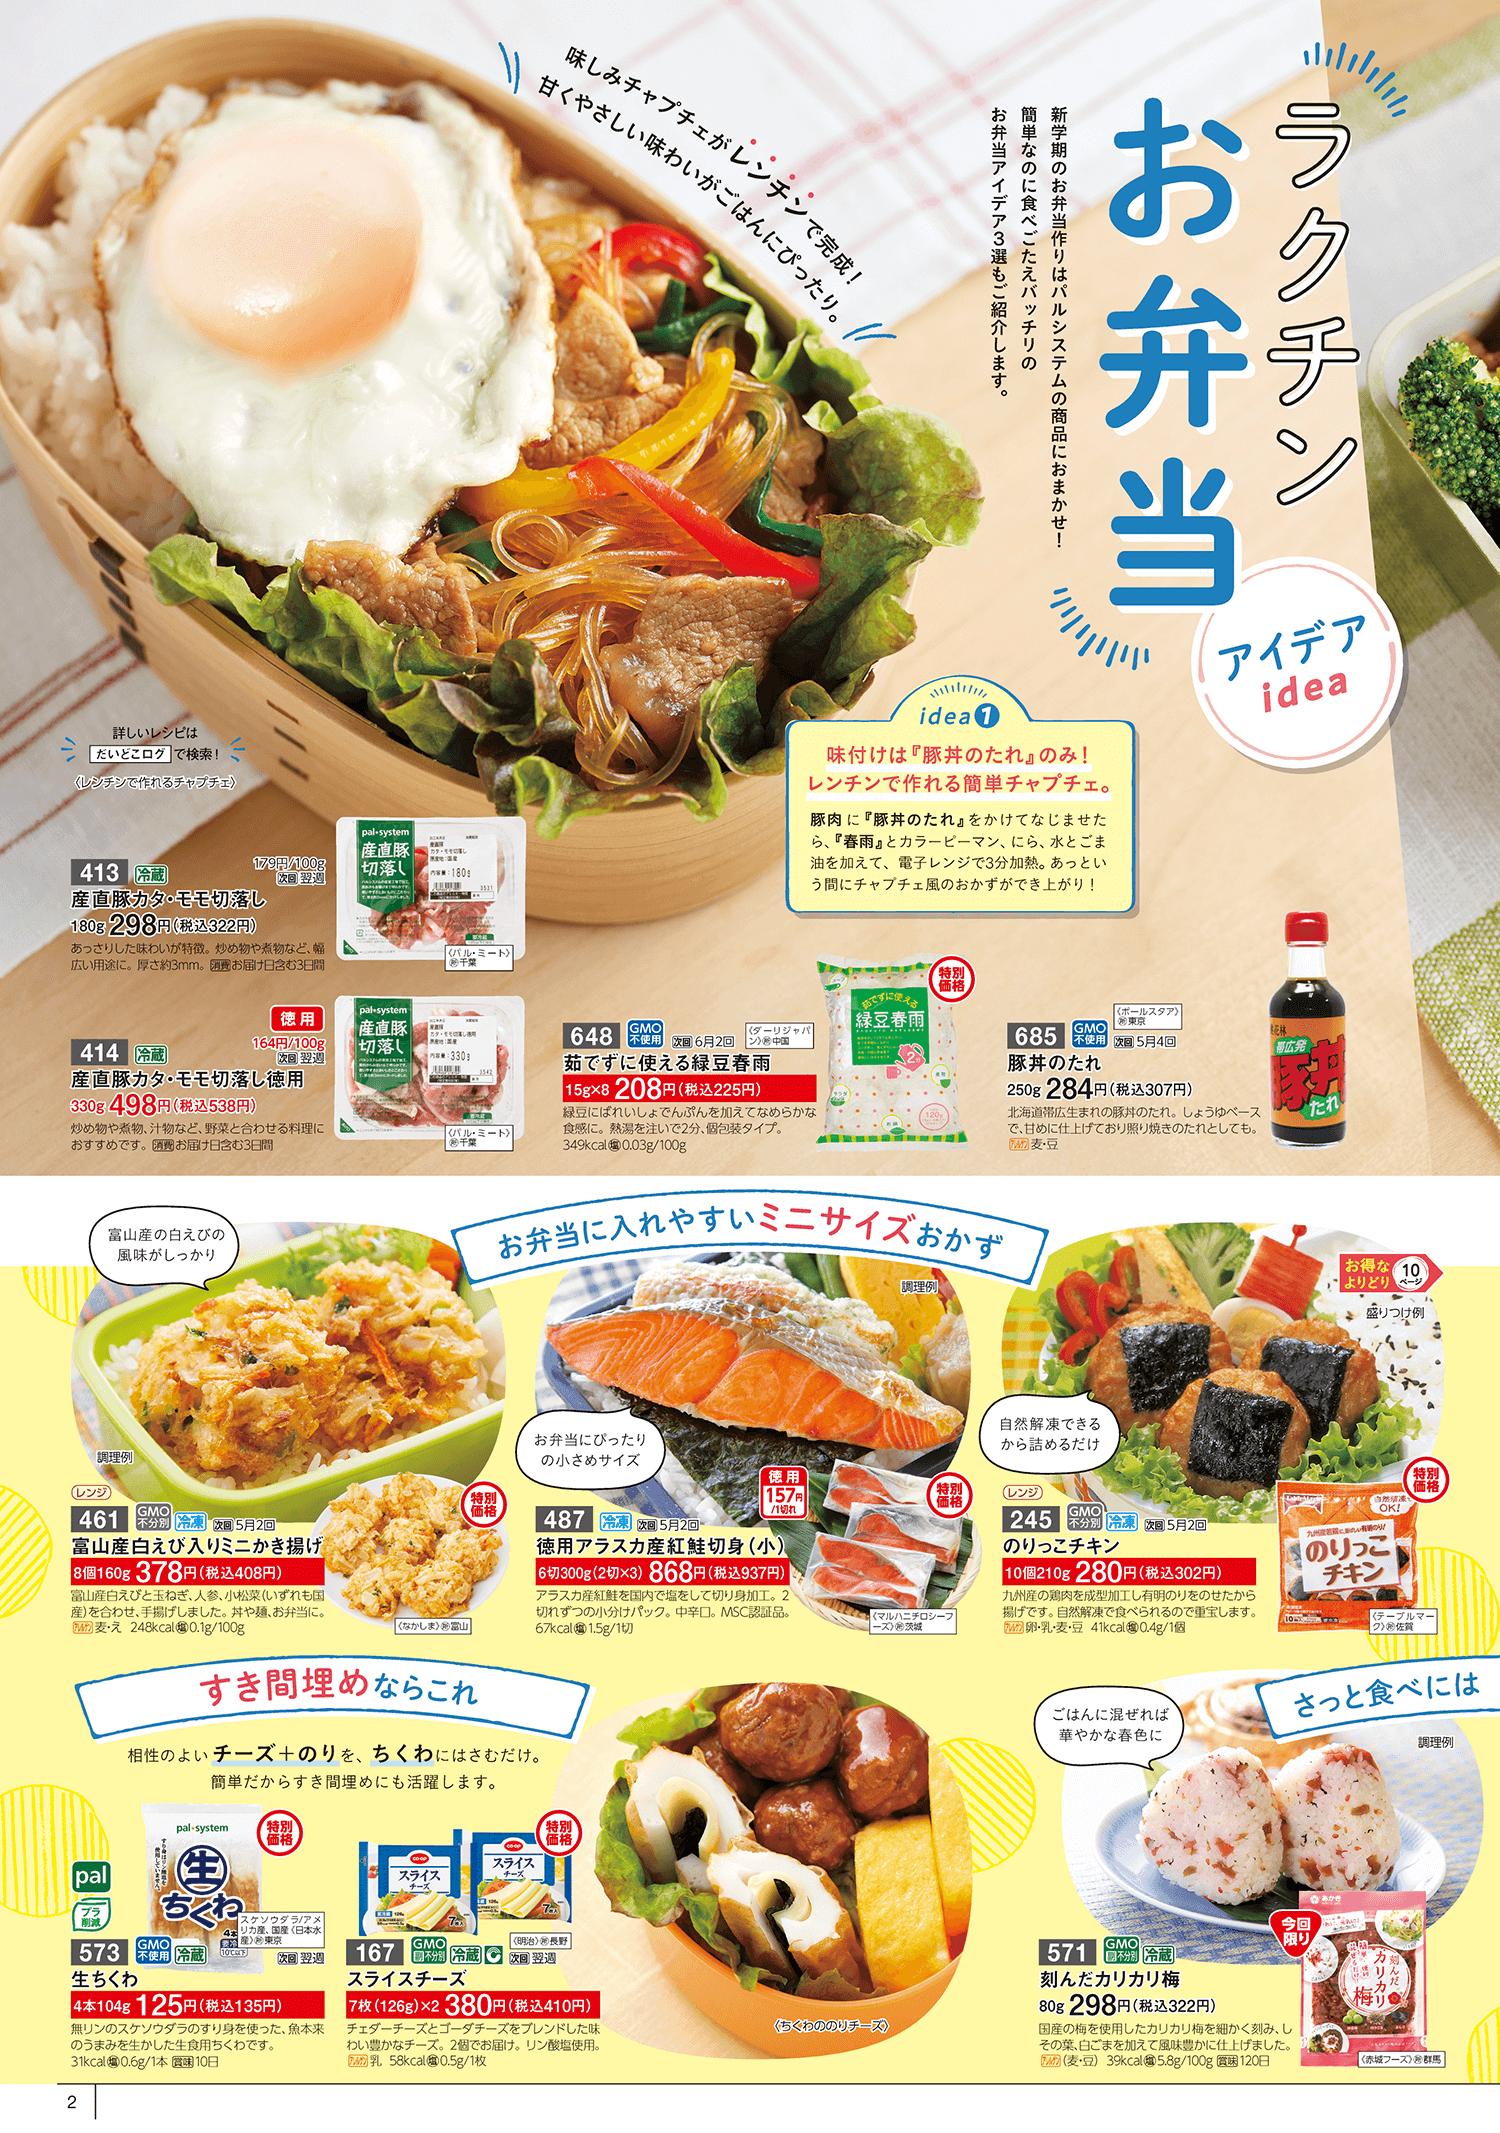 コープデリ 手数料 埼玉